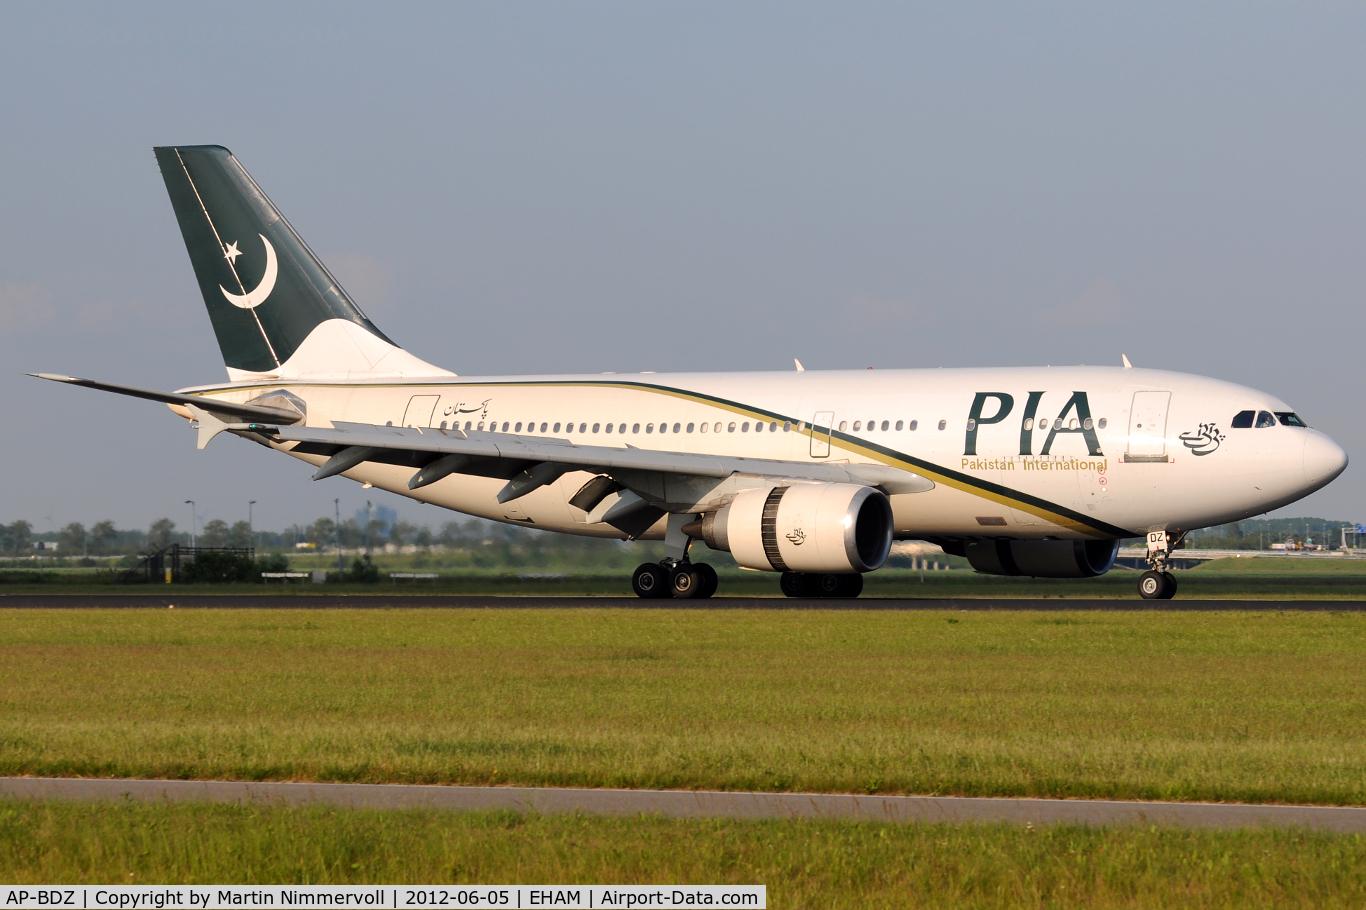 AP-BDZ, 1991 Airbus A310-308 C/N 585, PIA